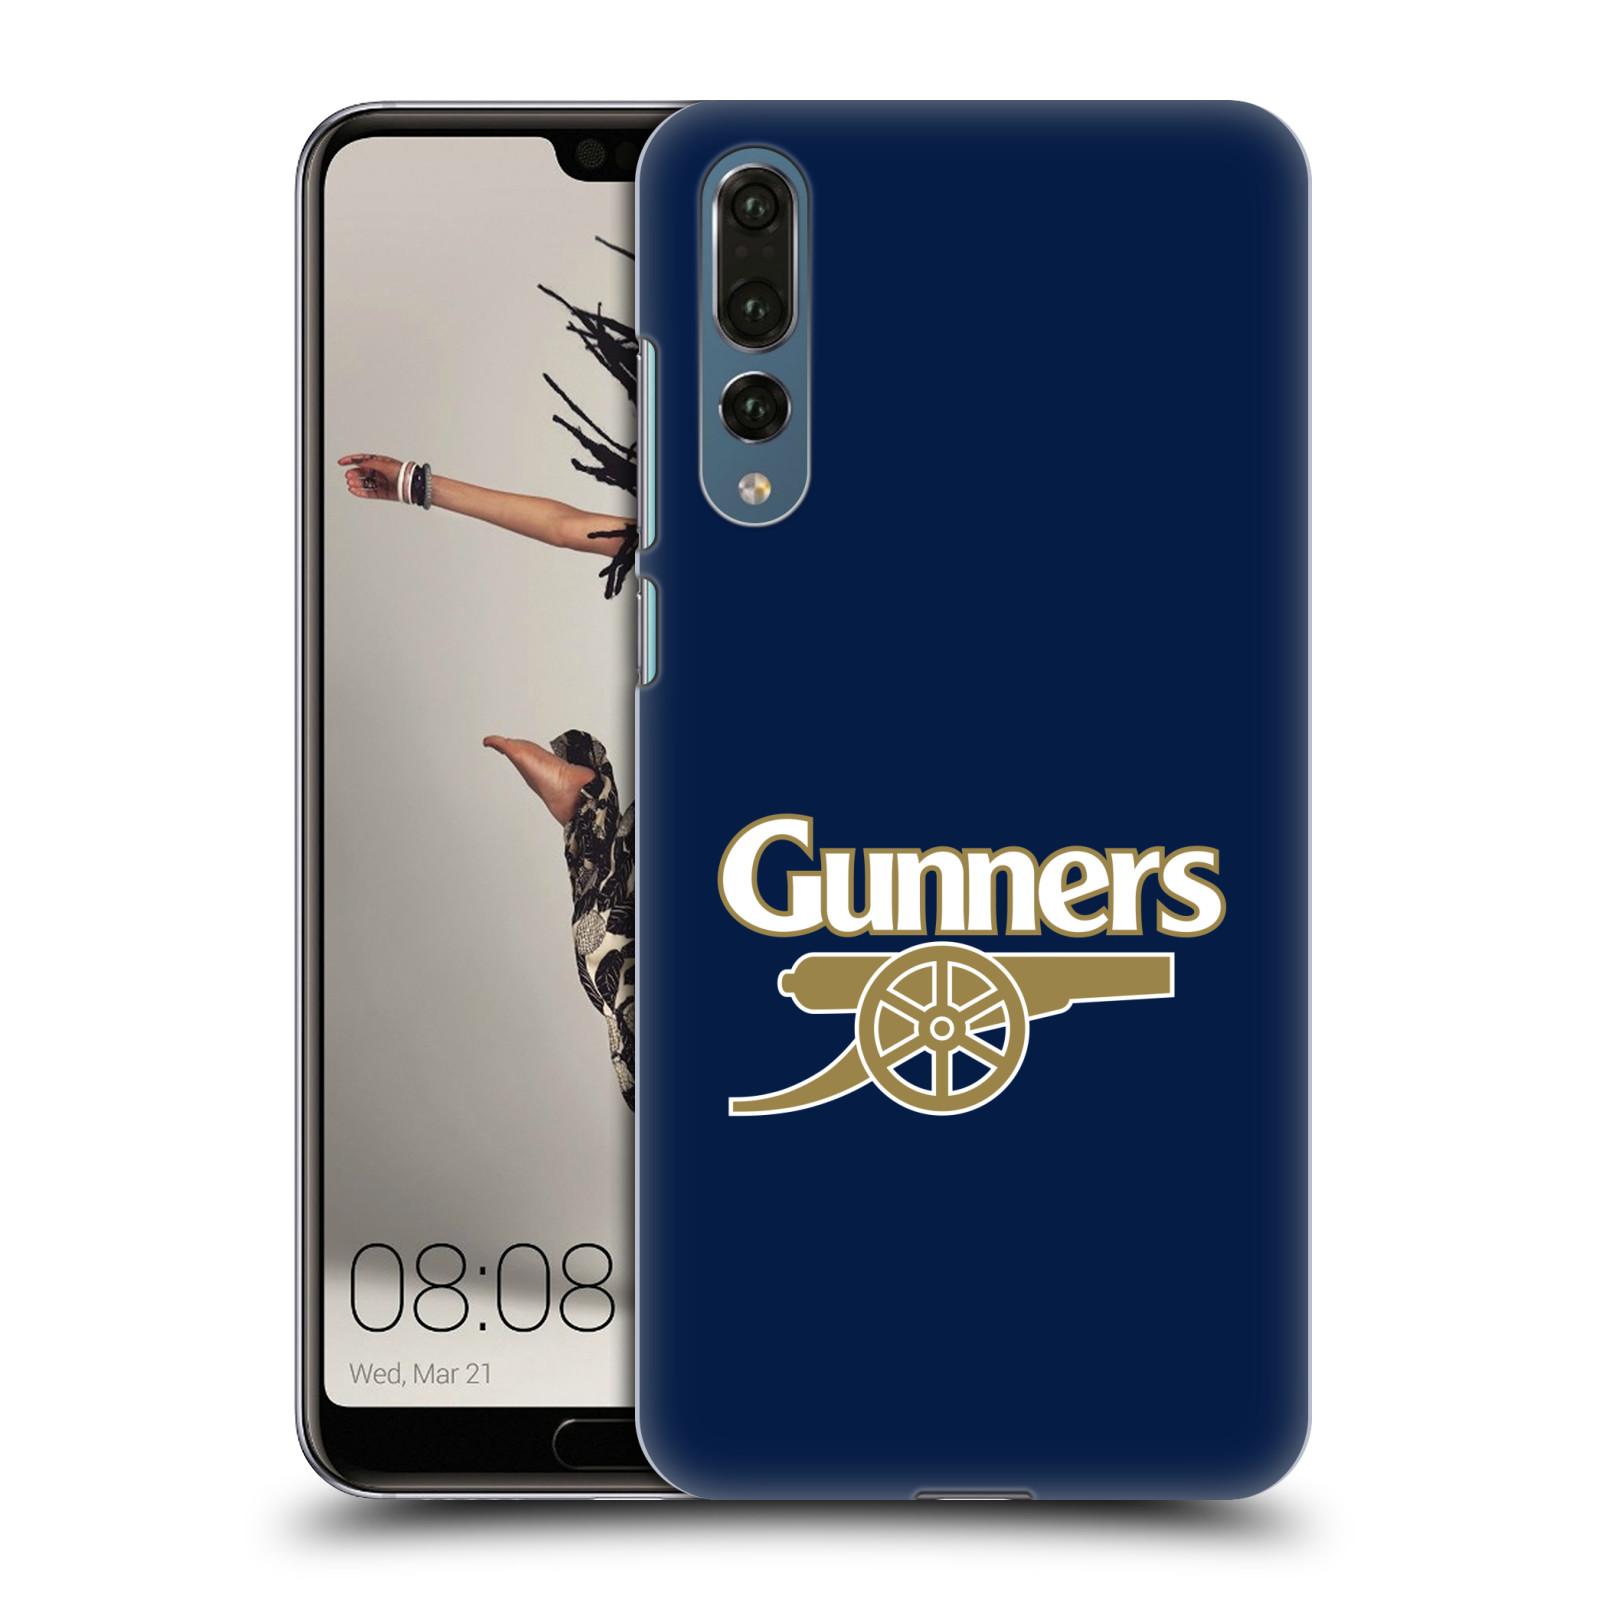 Plastové pouzdro na mobil Huawei P20 Pro - Head Case - Arsenal FC - Gunners